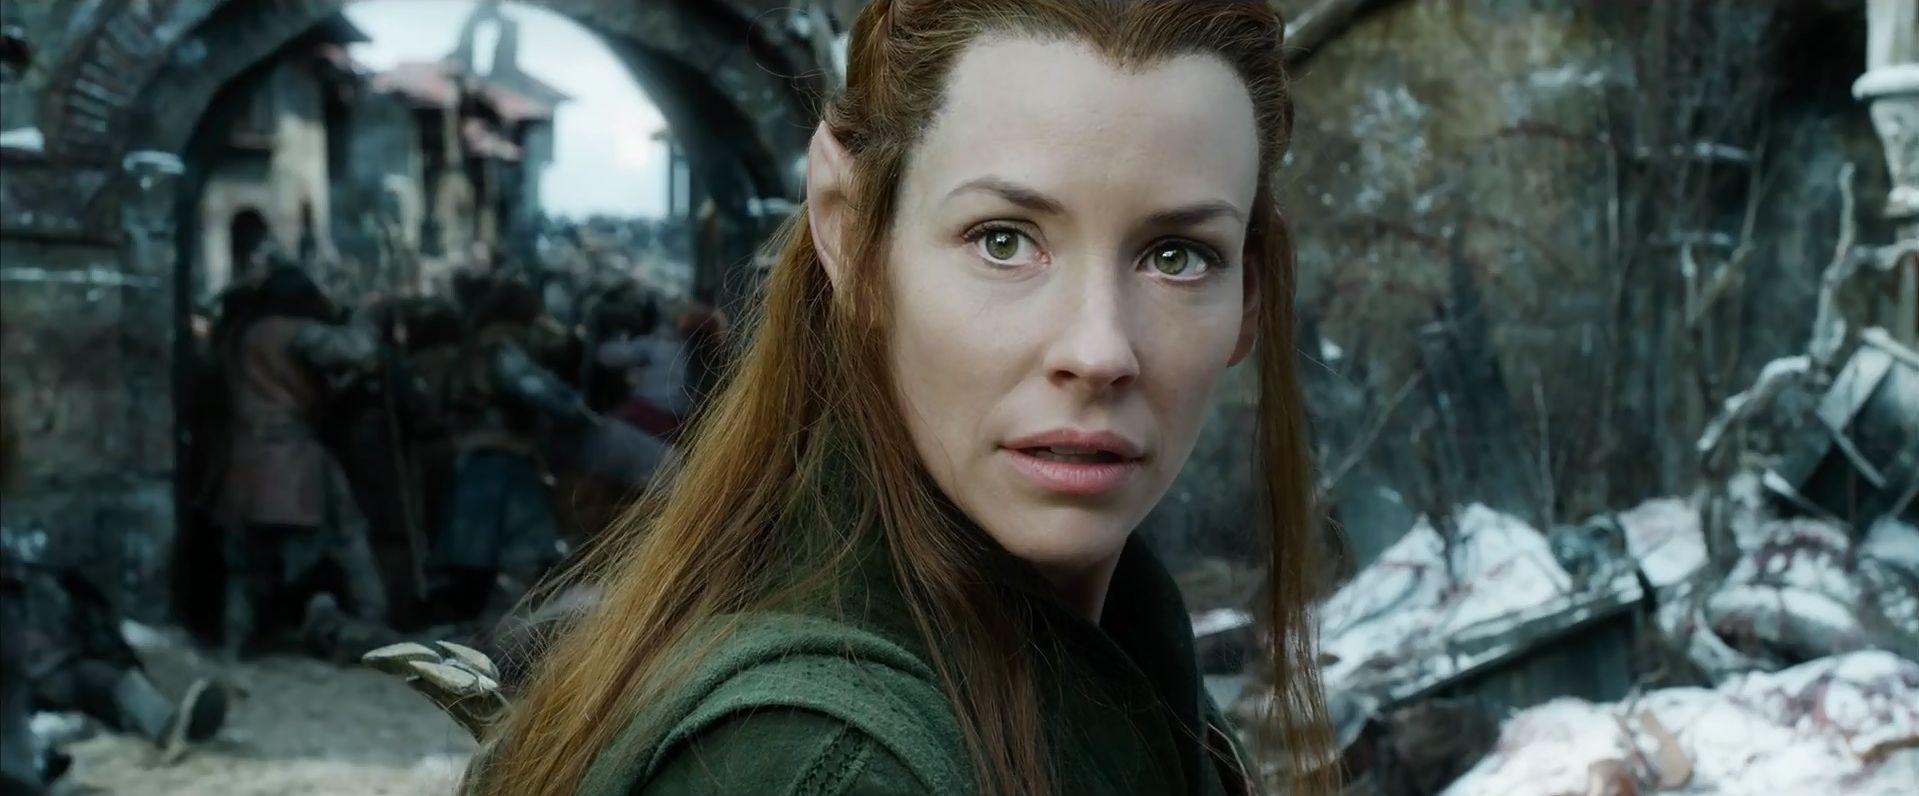 El hobbit 6